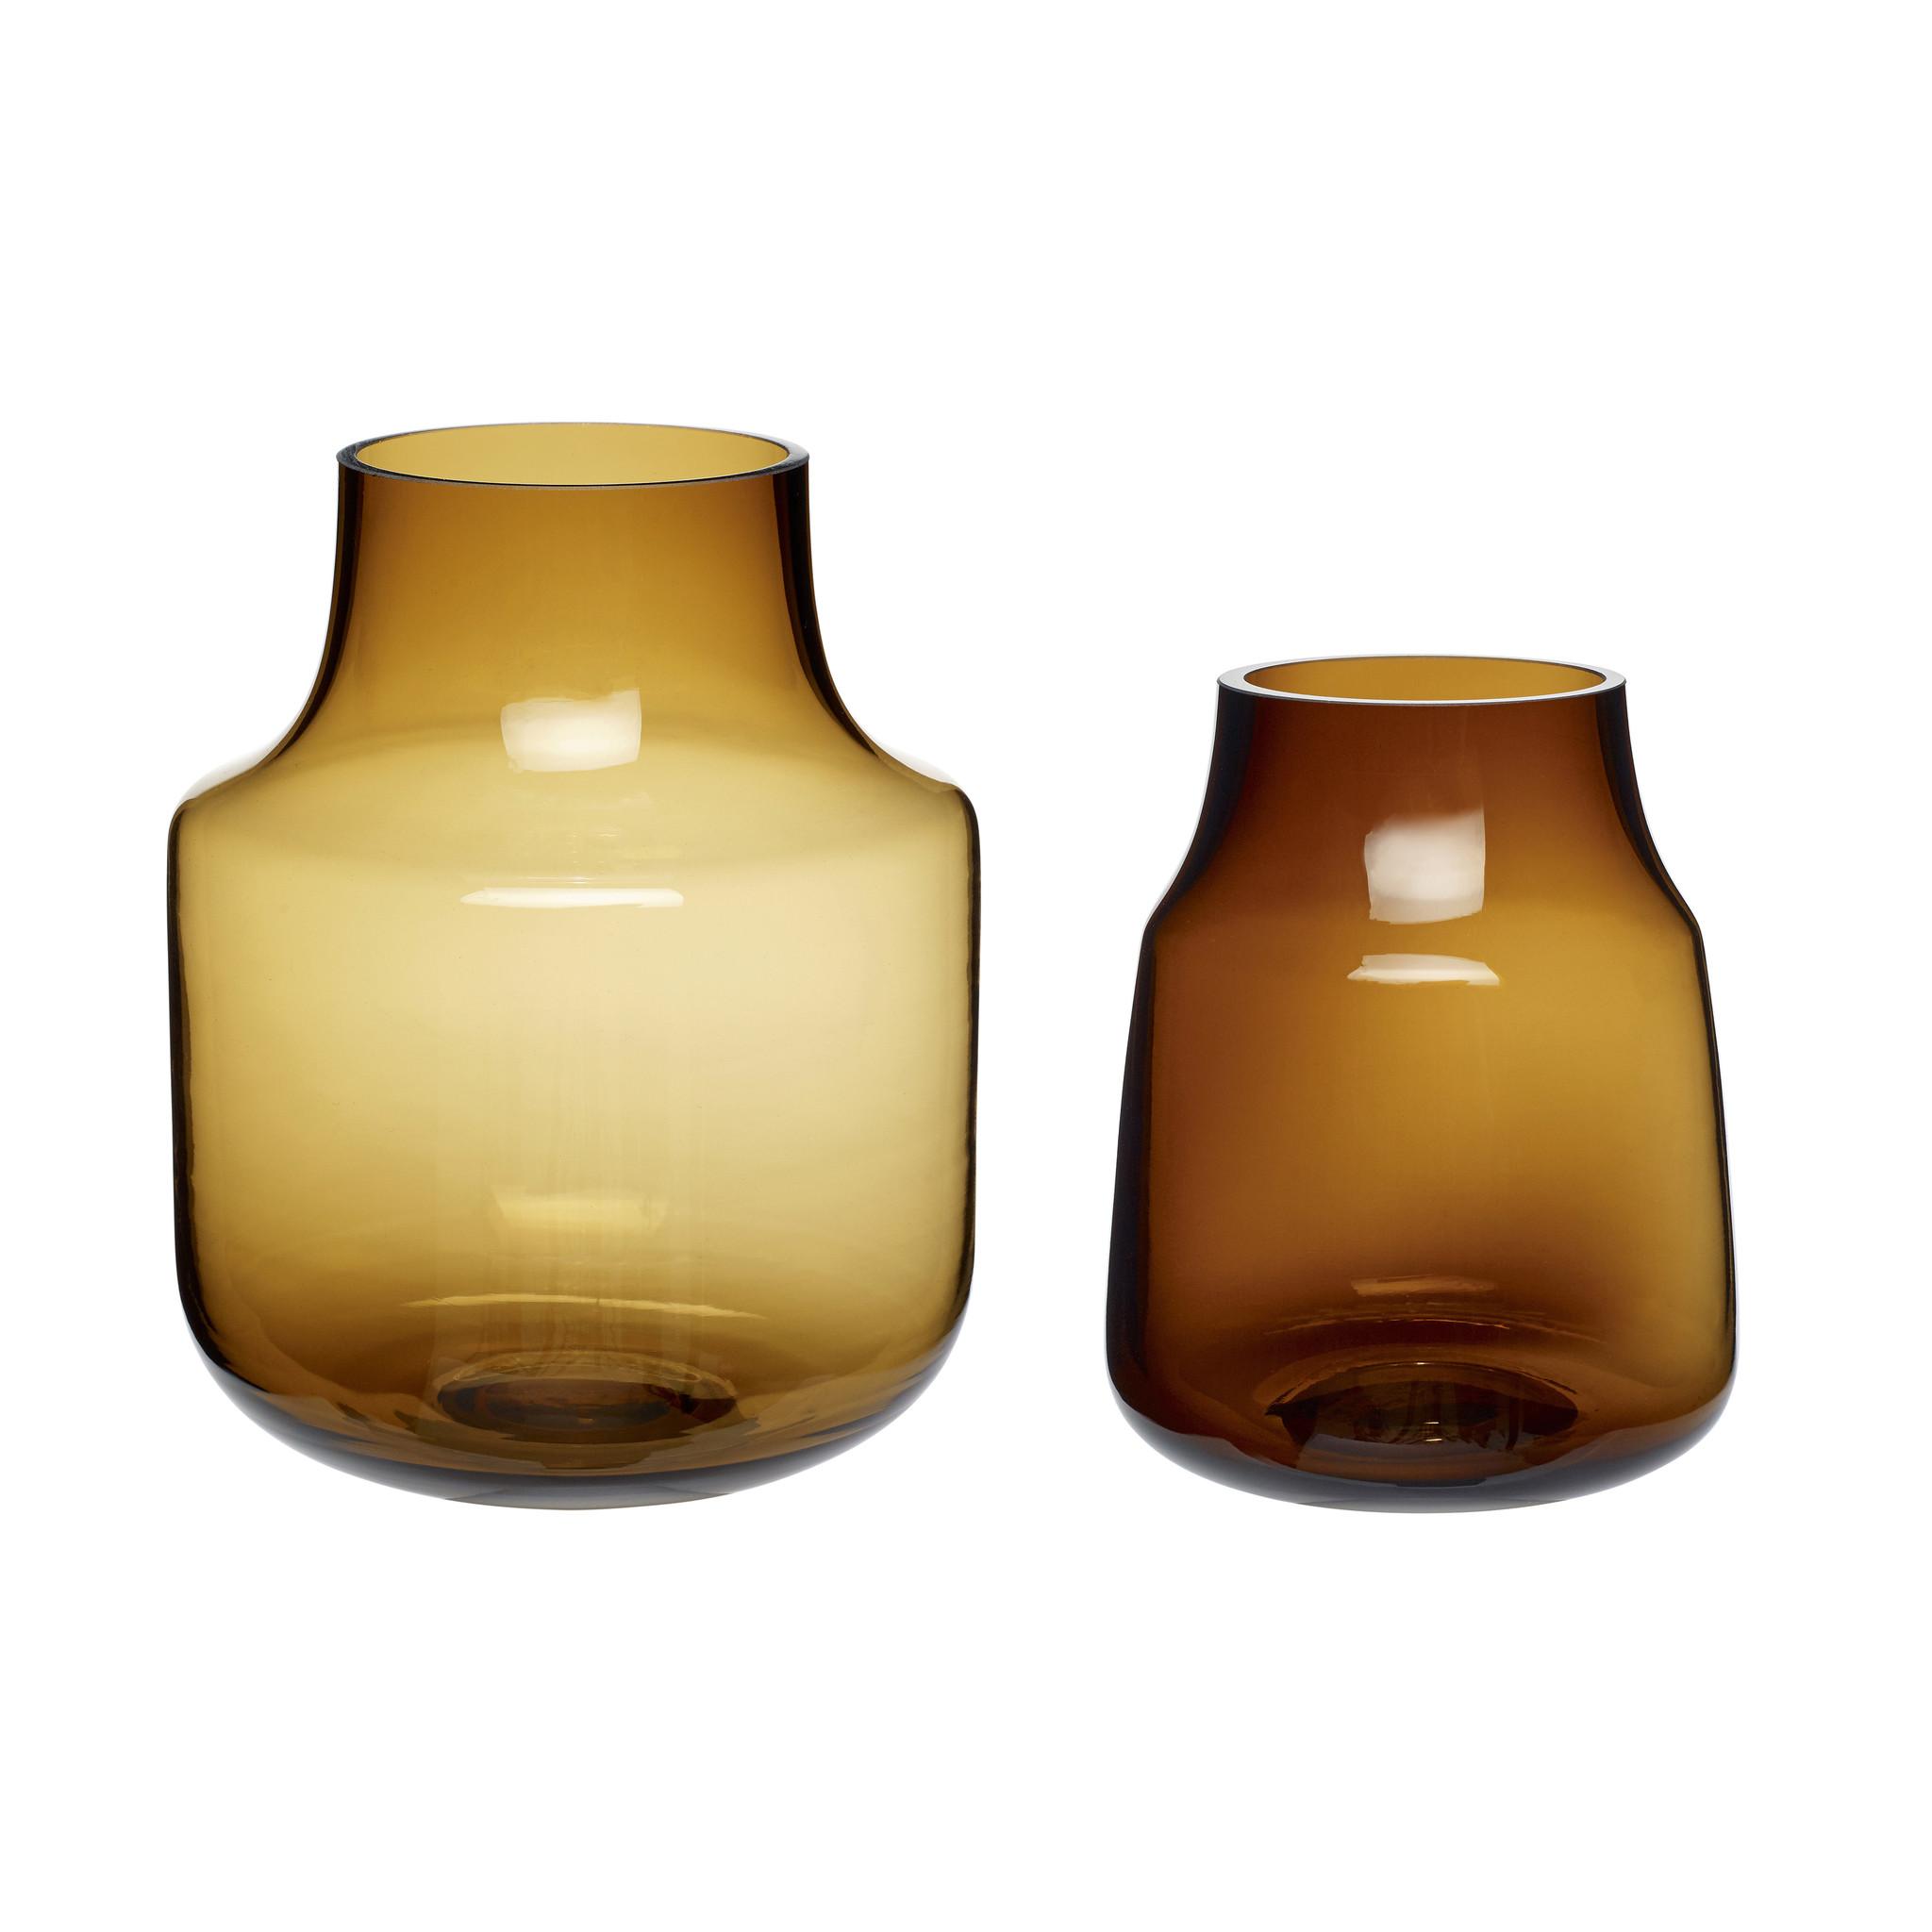 Hubsch Vaas, glas, bruin, set van 2-280803-5712772064689